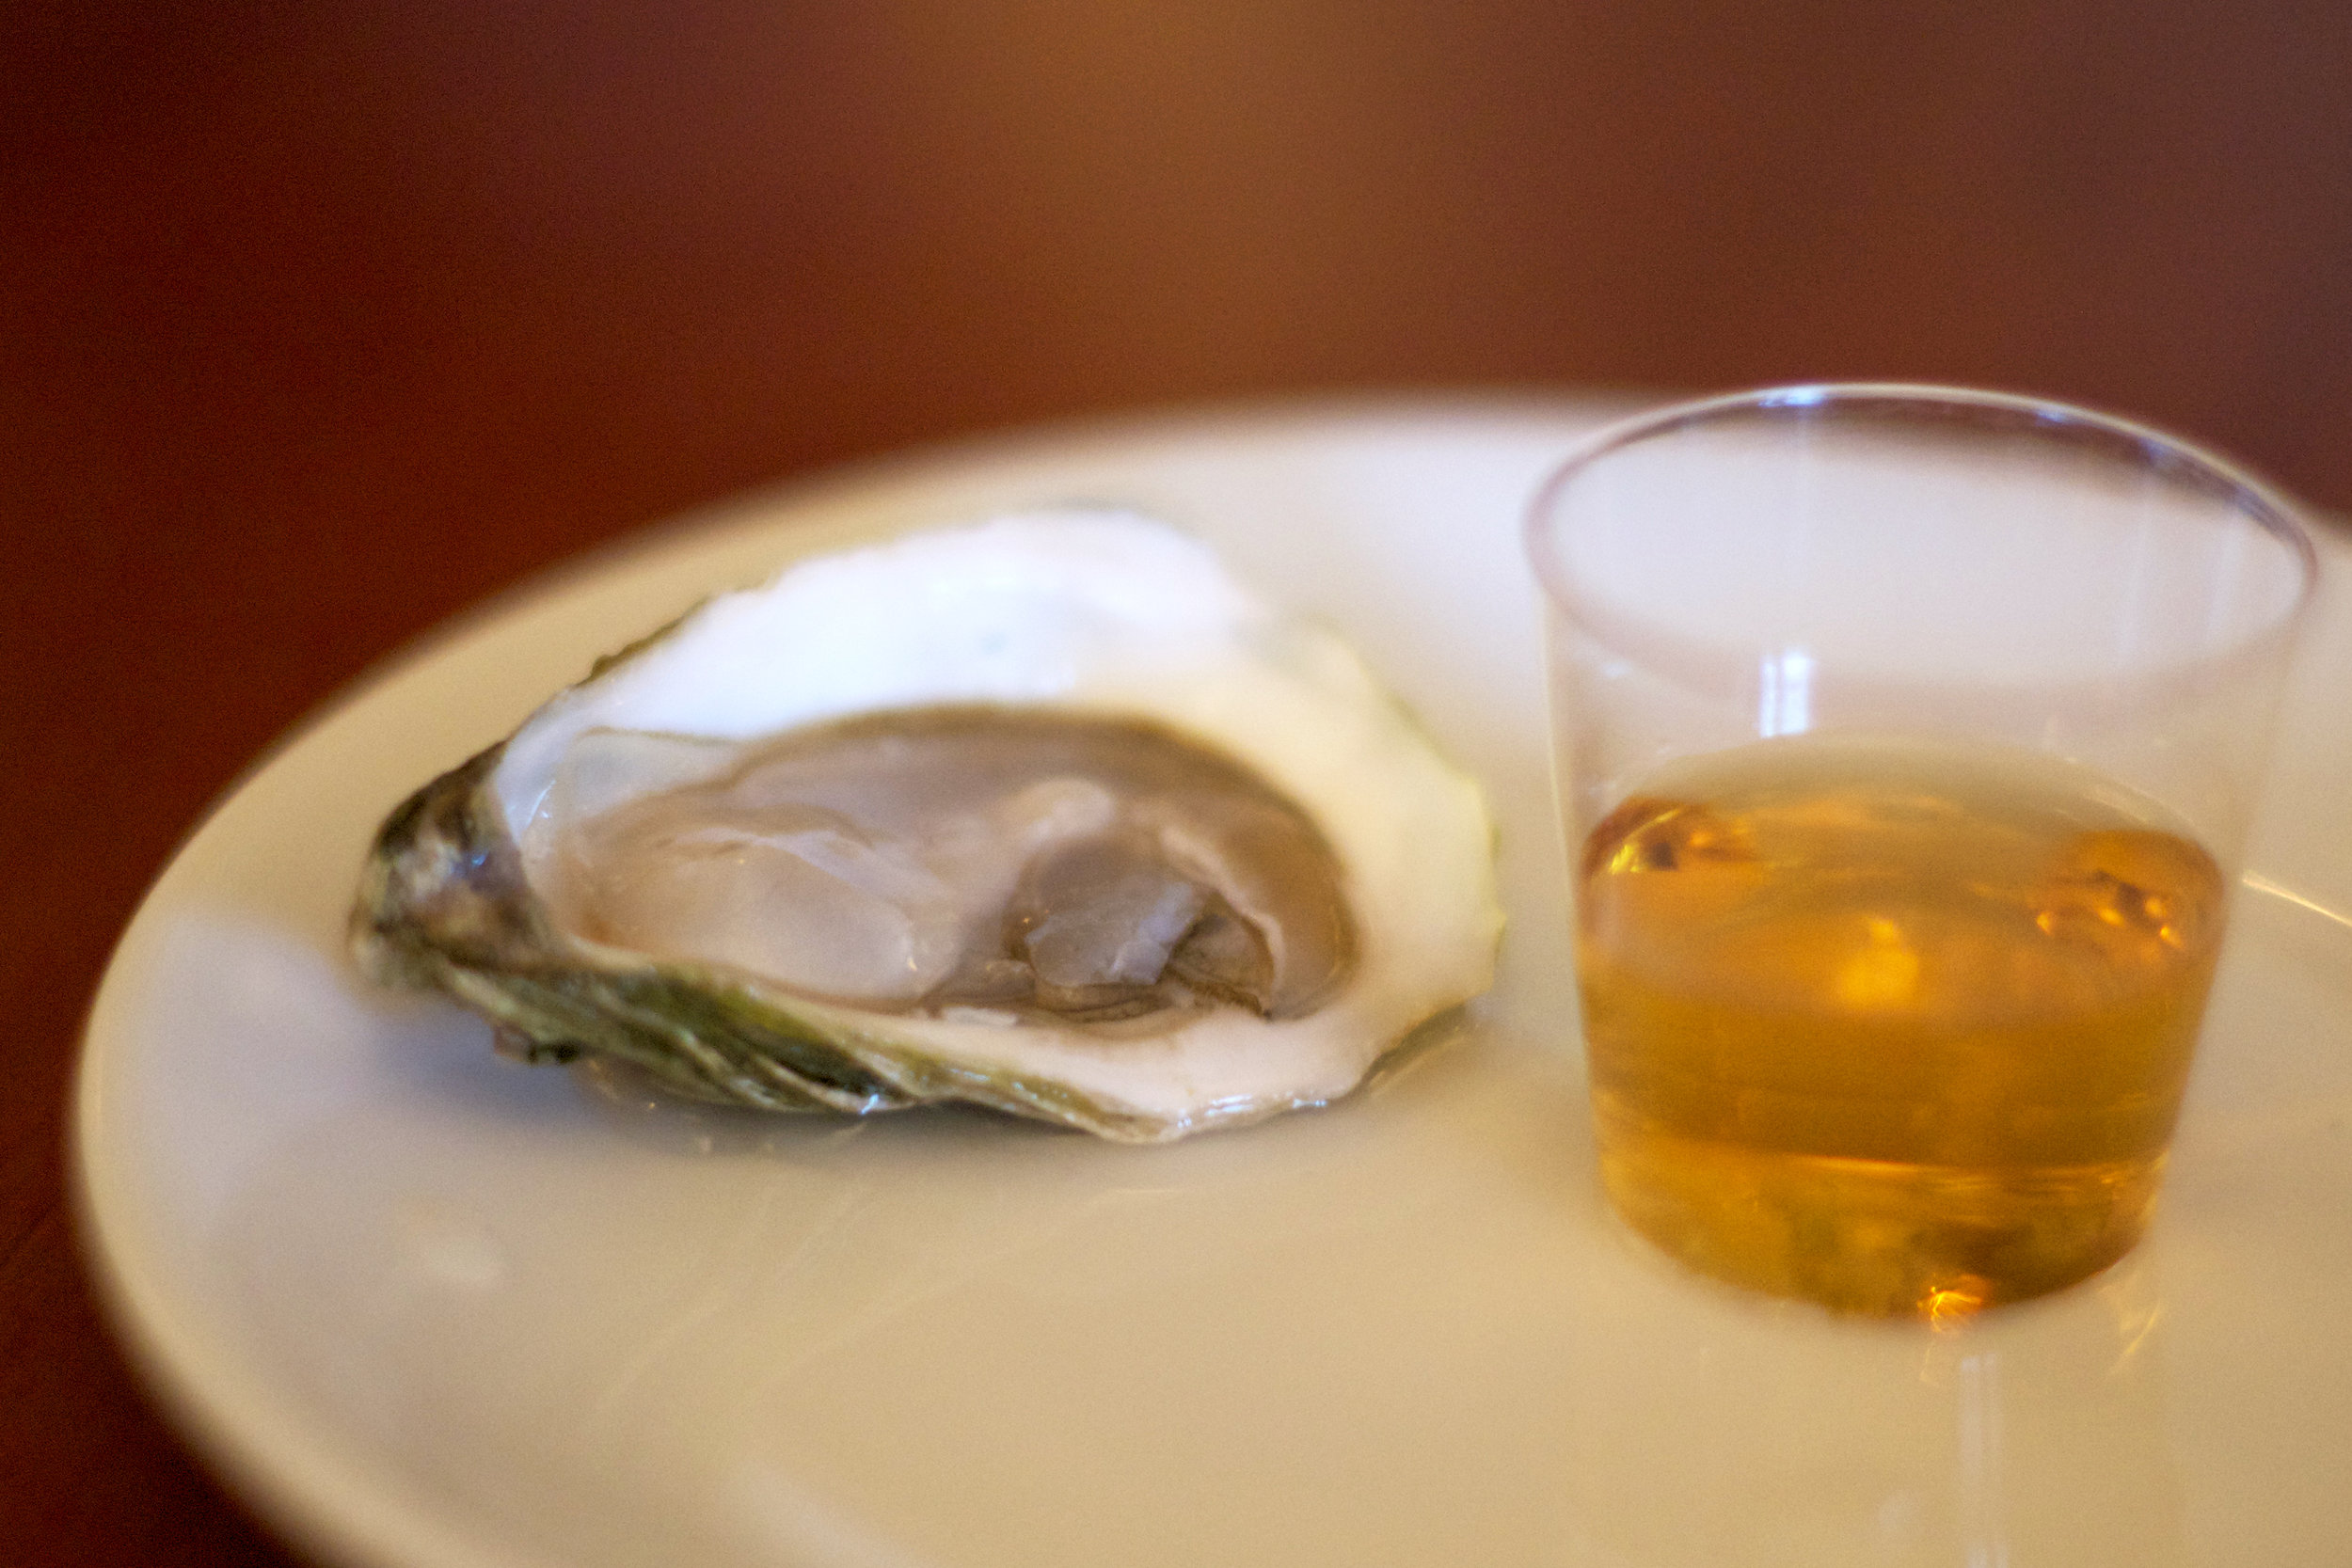 oyster-tasting-workshop-wtih-whisky.jpg